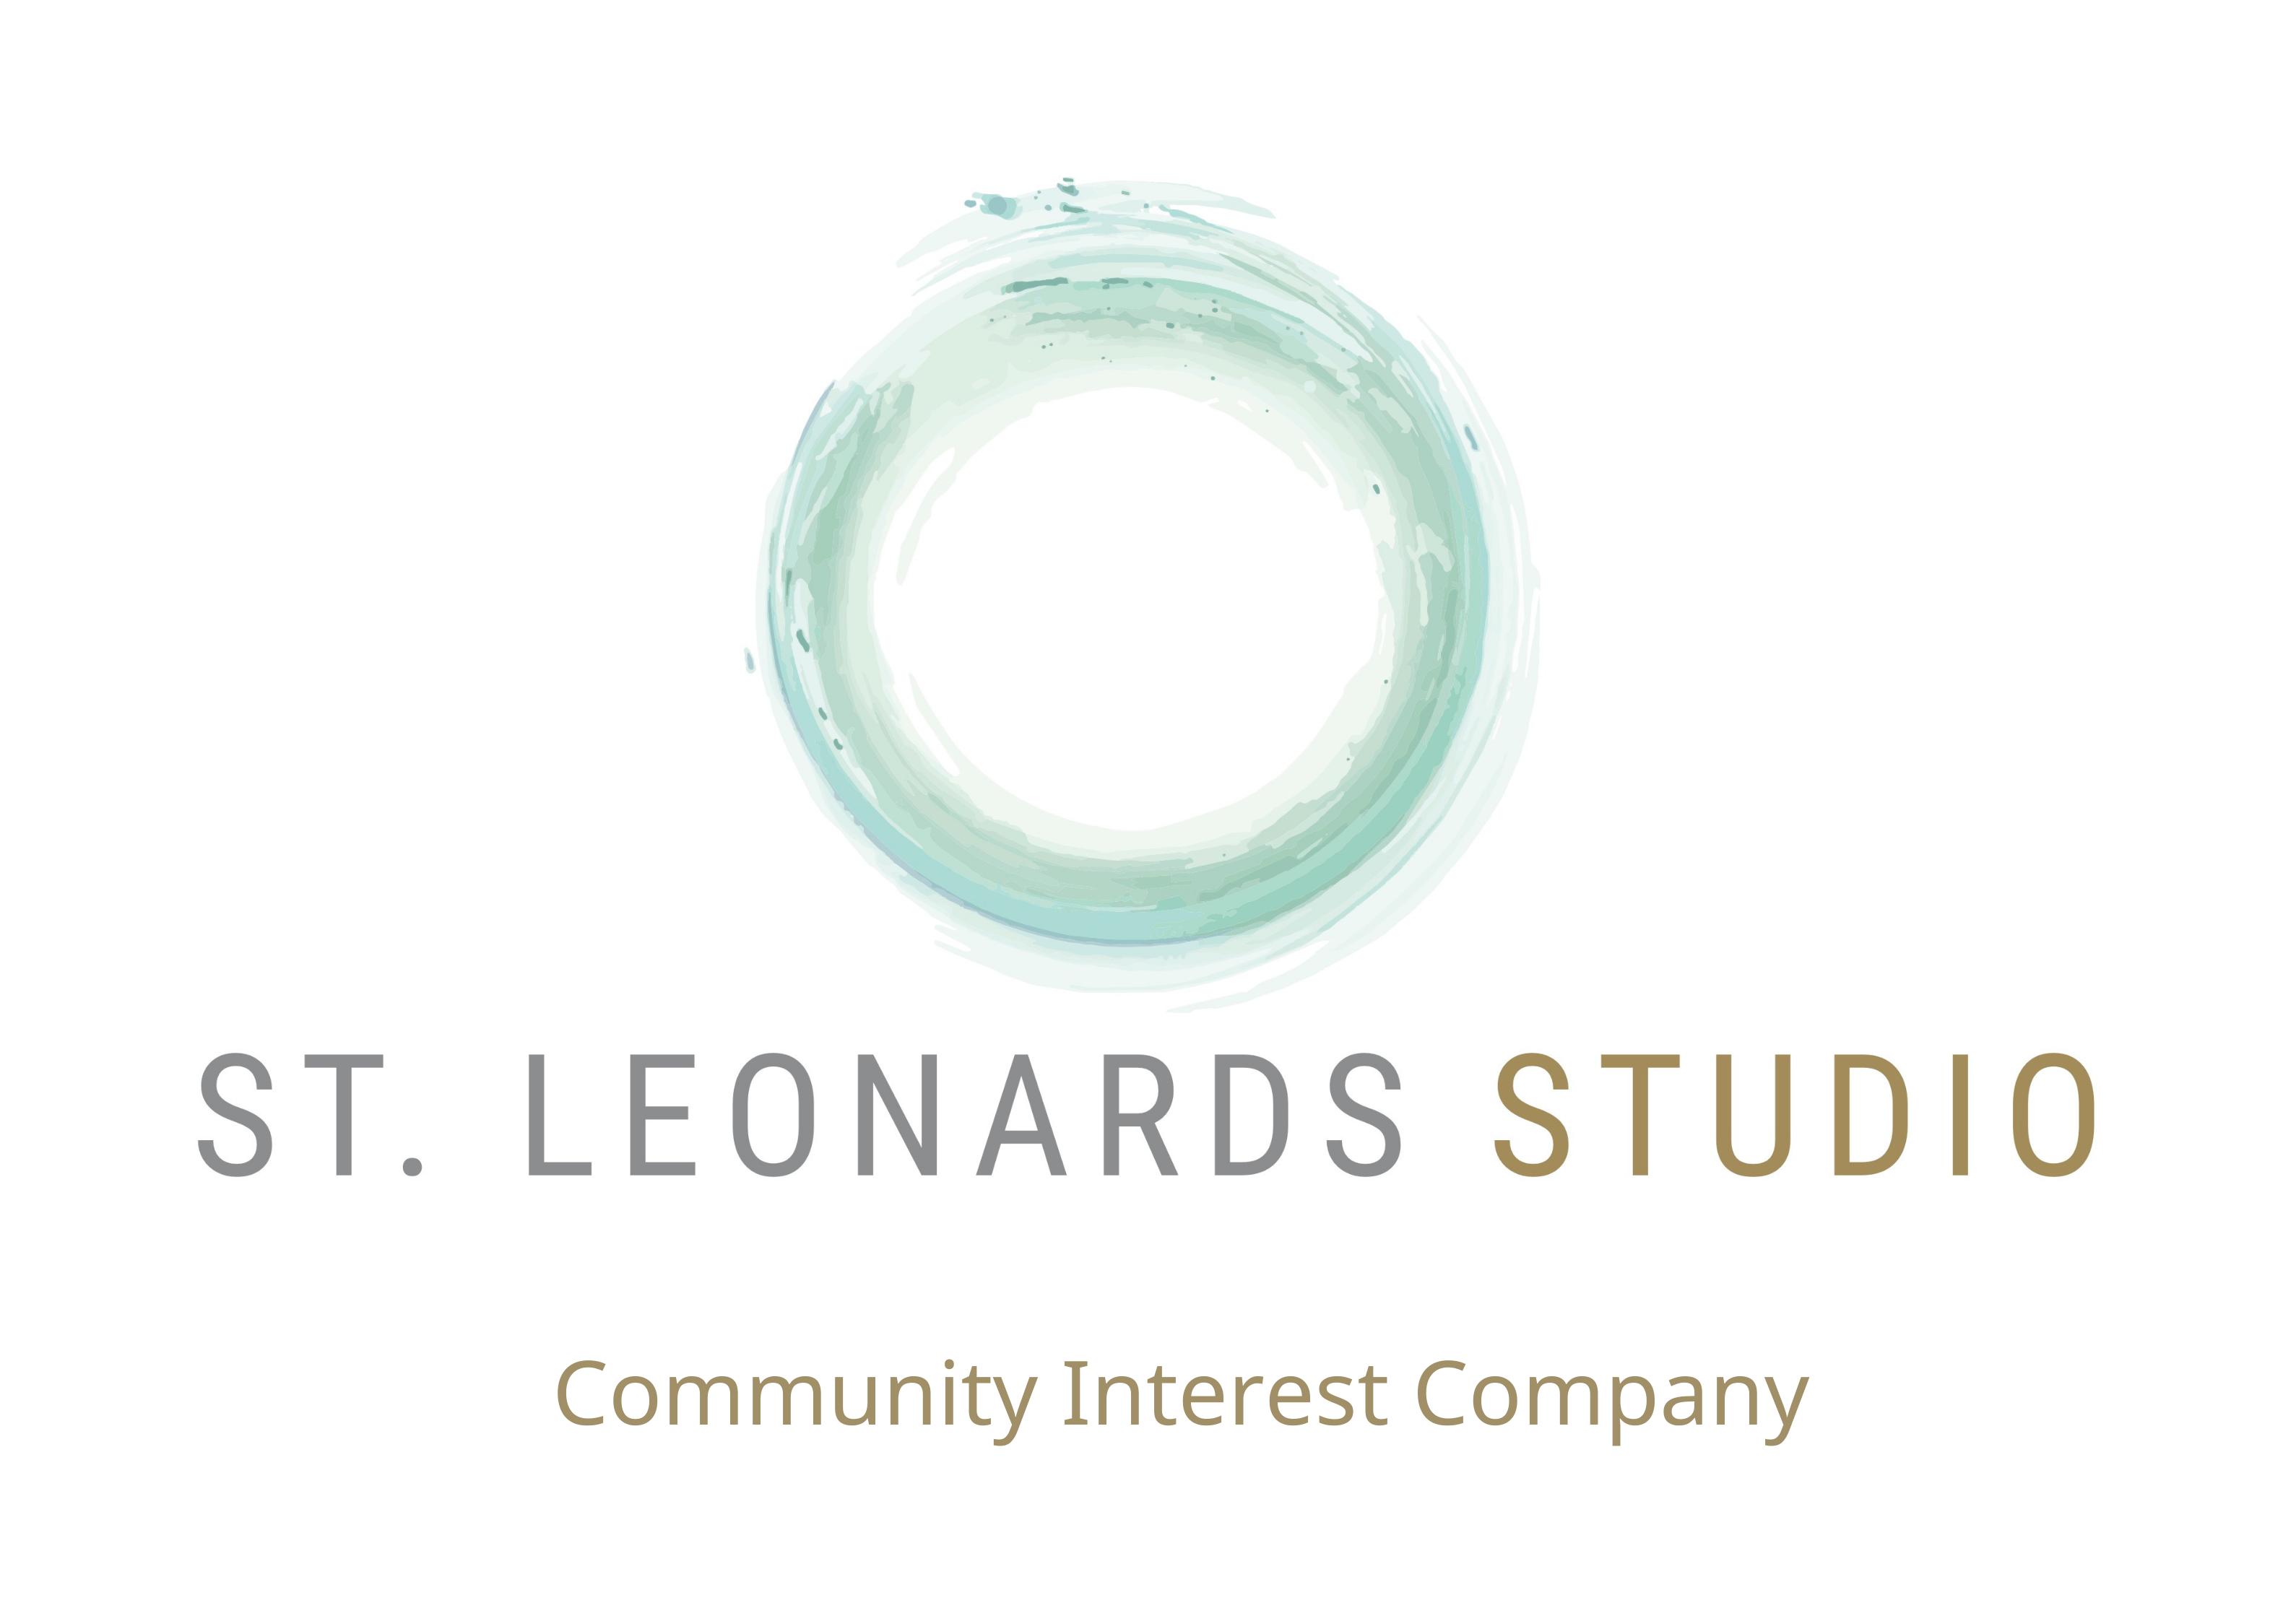 St Leonards Studio